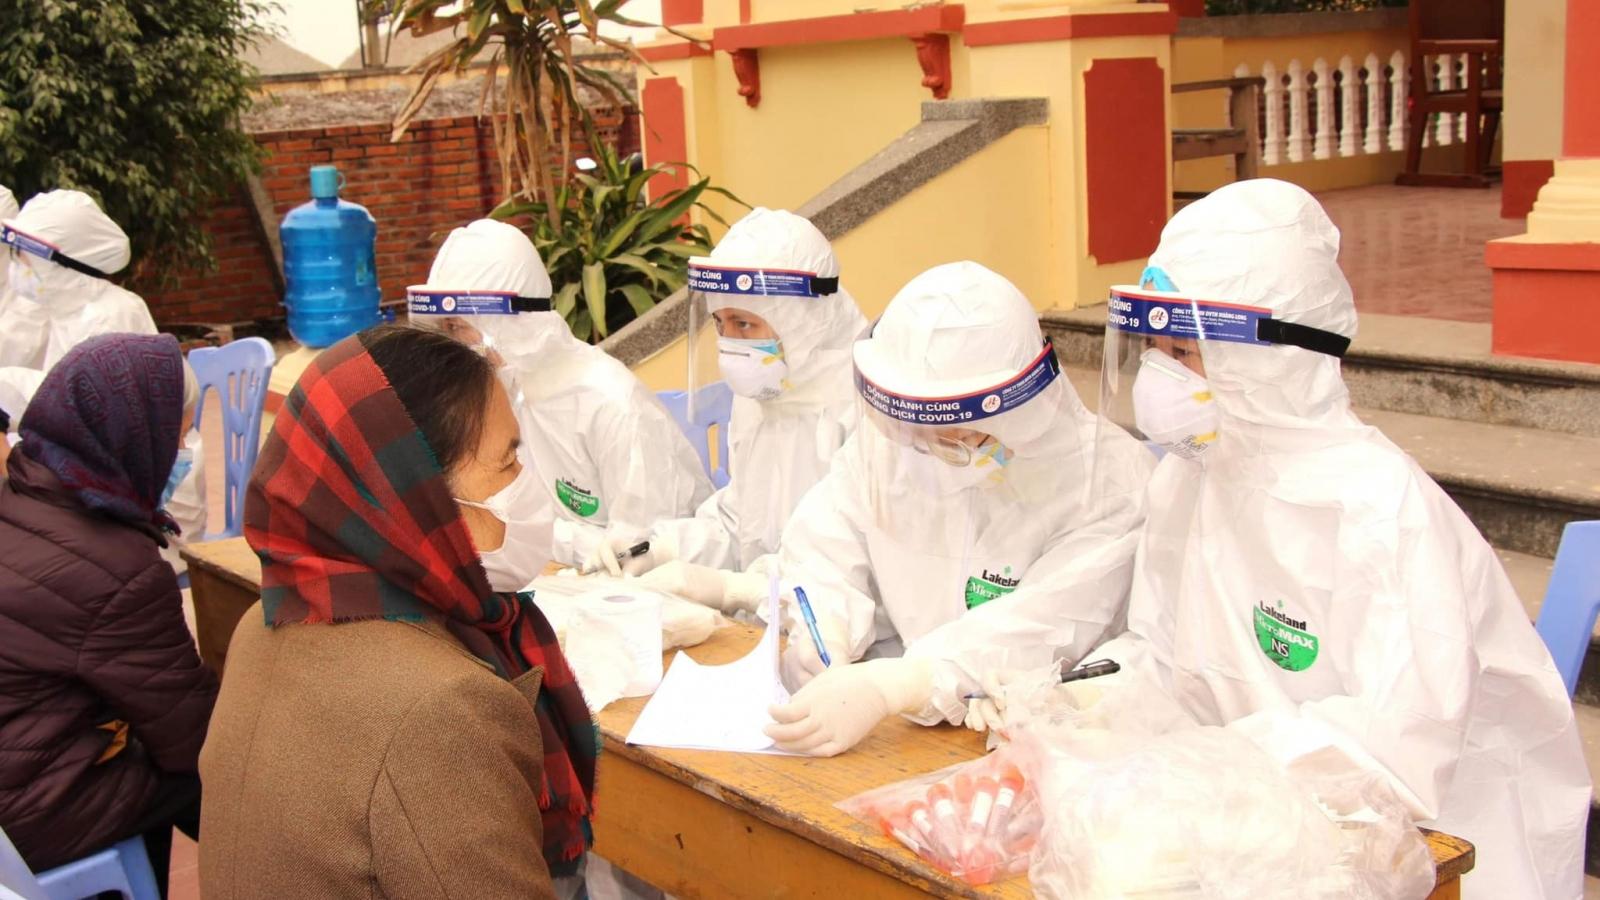 Bộ Y tế tìm người đến quán Hiền Bắc, quán nước mắm Diêm Điền ở Thái Bình